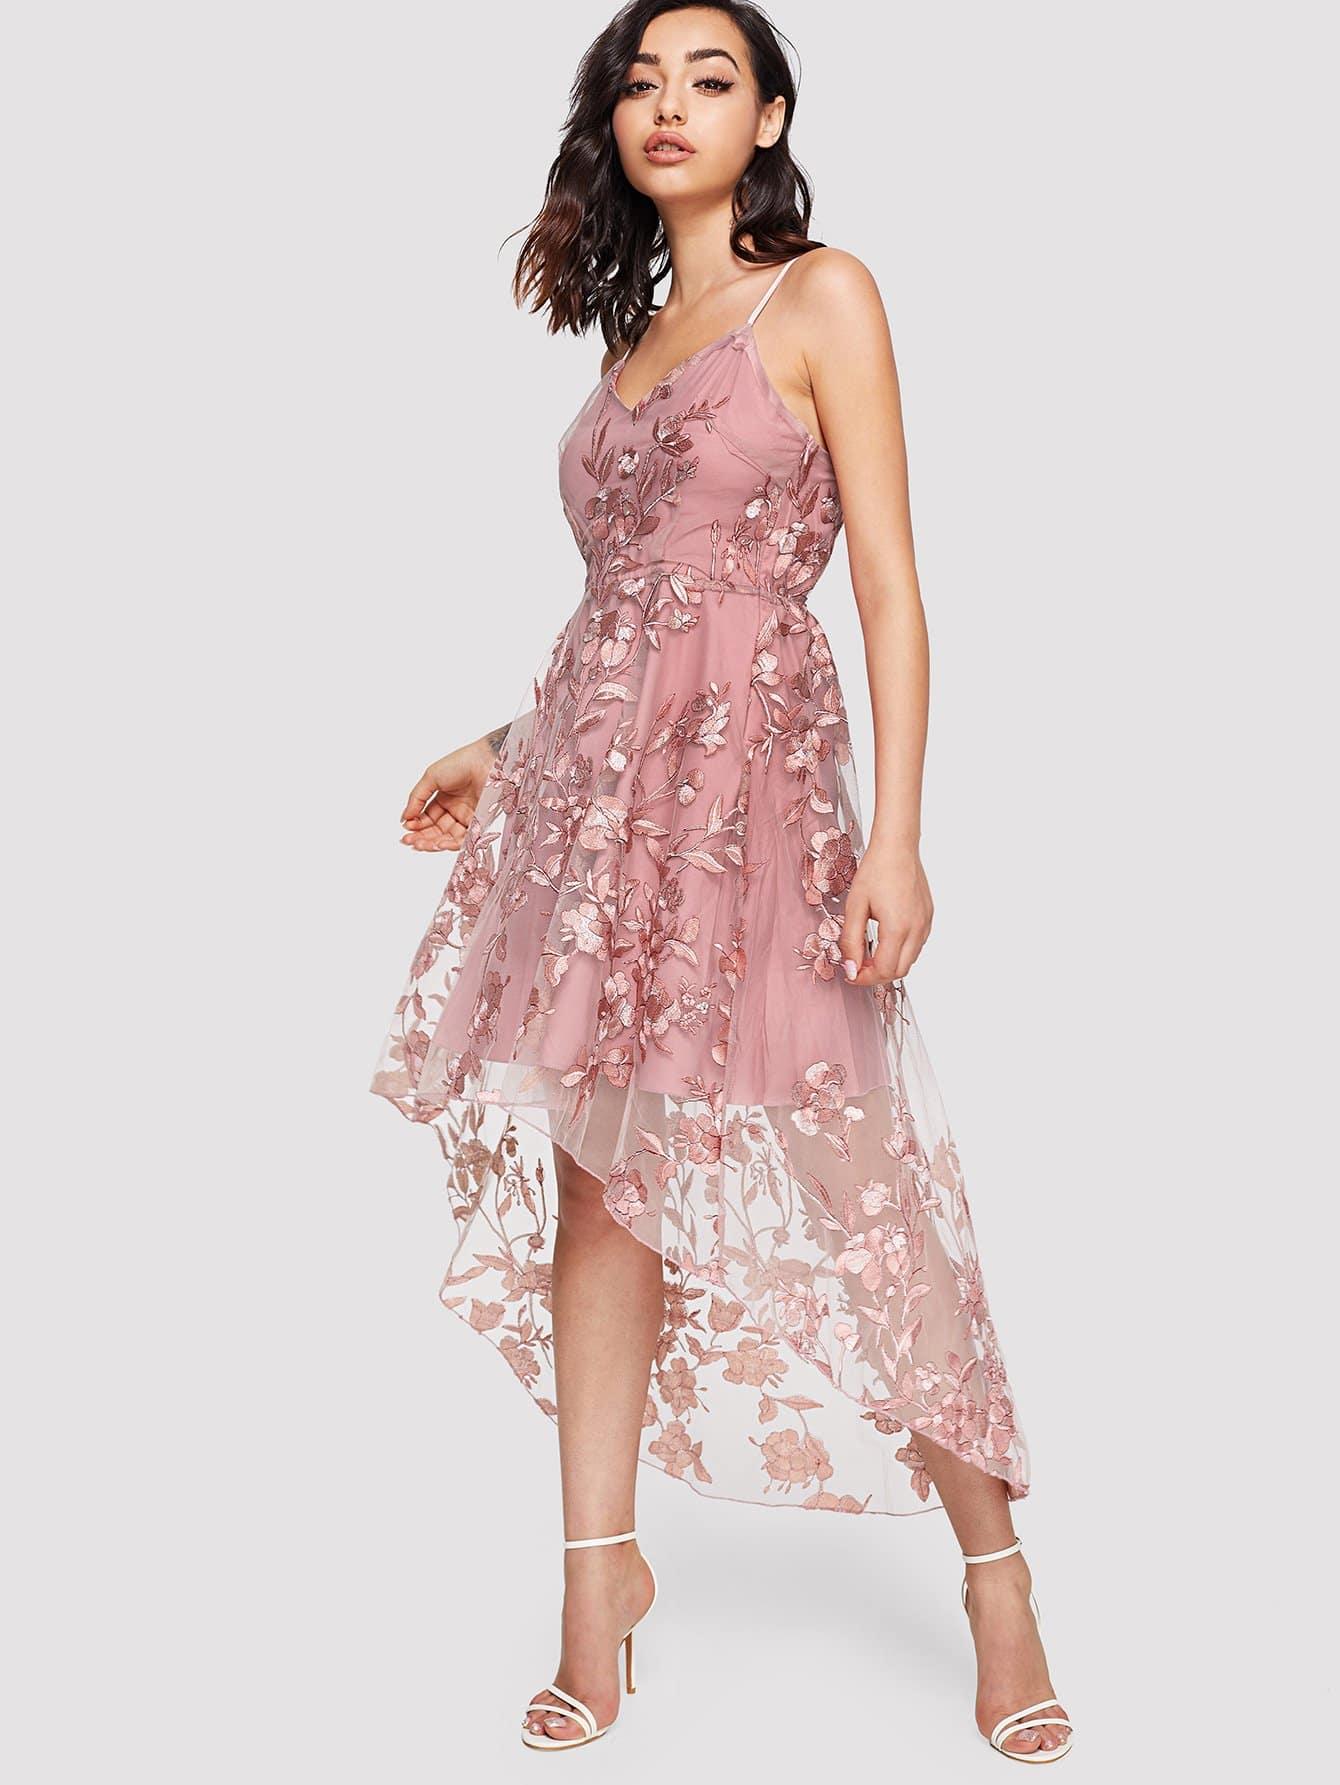 Flower Applique Mesh Overlay Cami Dress flower applique mesh cami top and panty pajama set